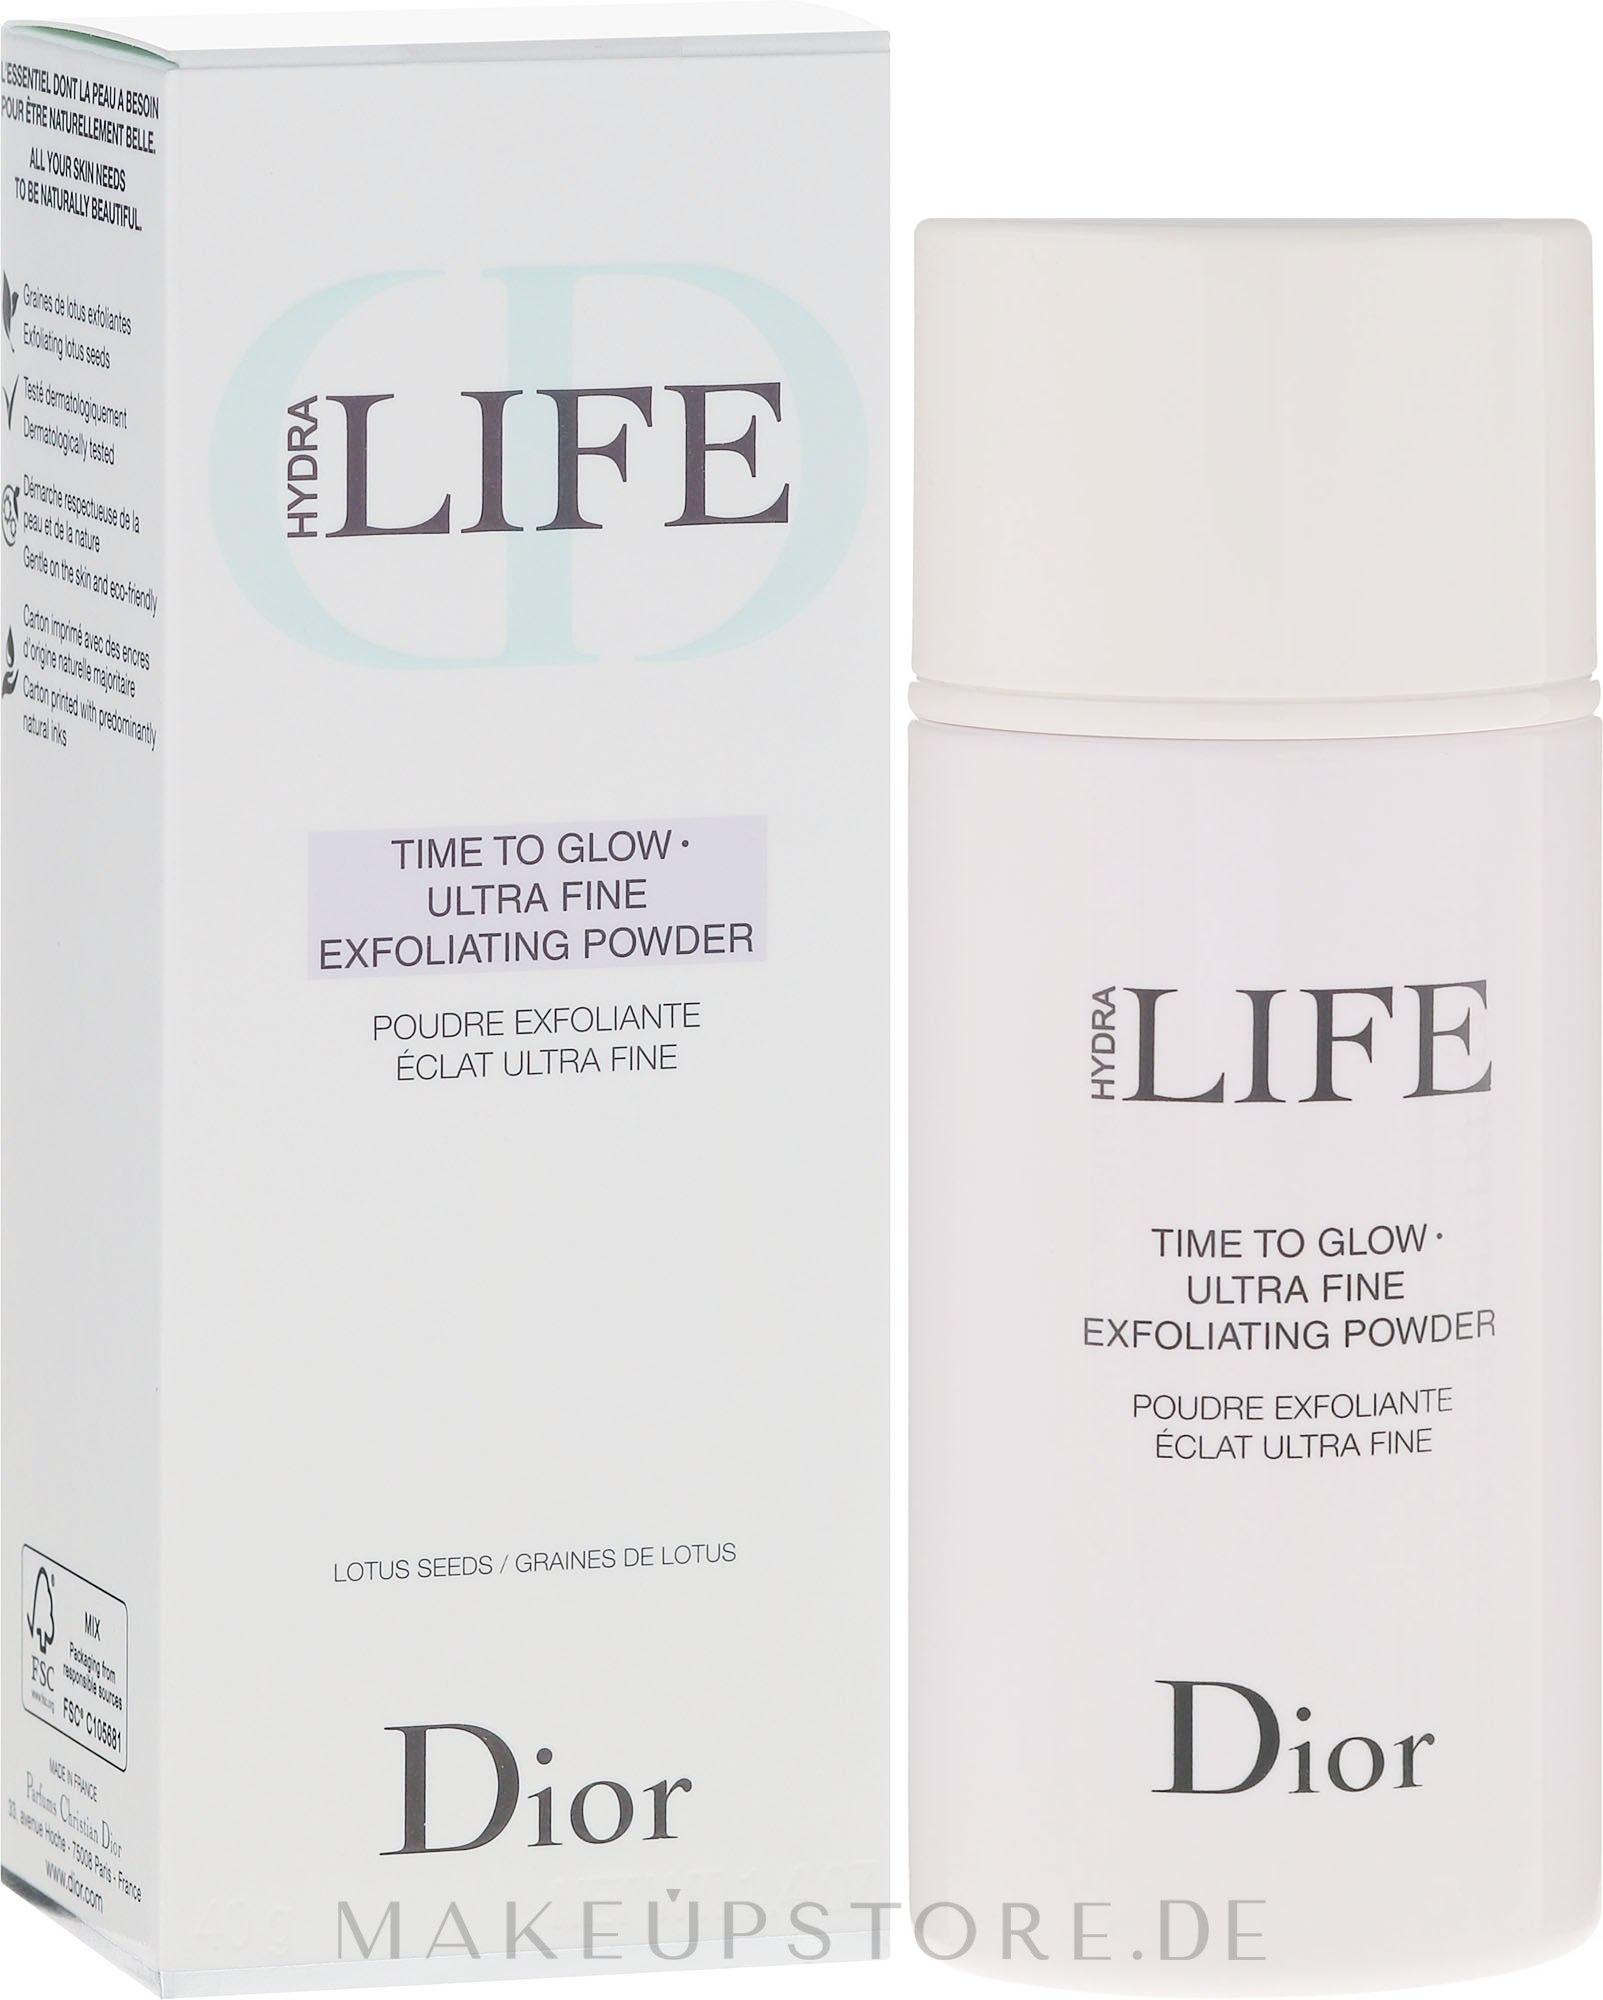 Glänzendes Peeling-Puder mit Zucker und Lotussamen - Dior Hydra Life Time To Glow Ultra Fine Exfoliating Powder — Bild 40 g